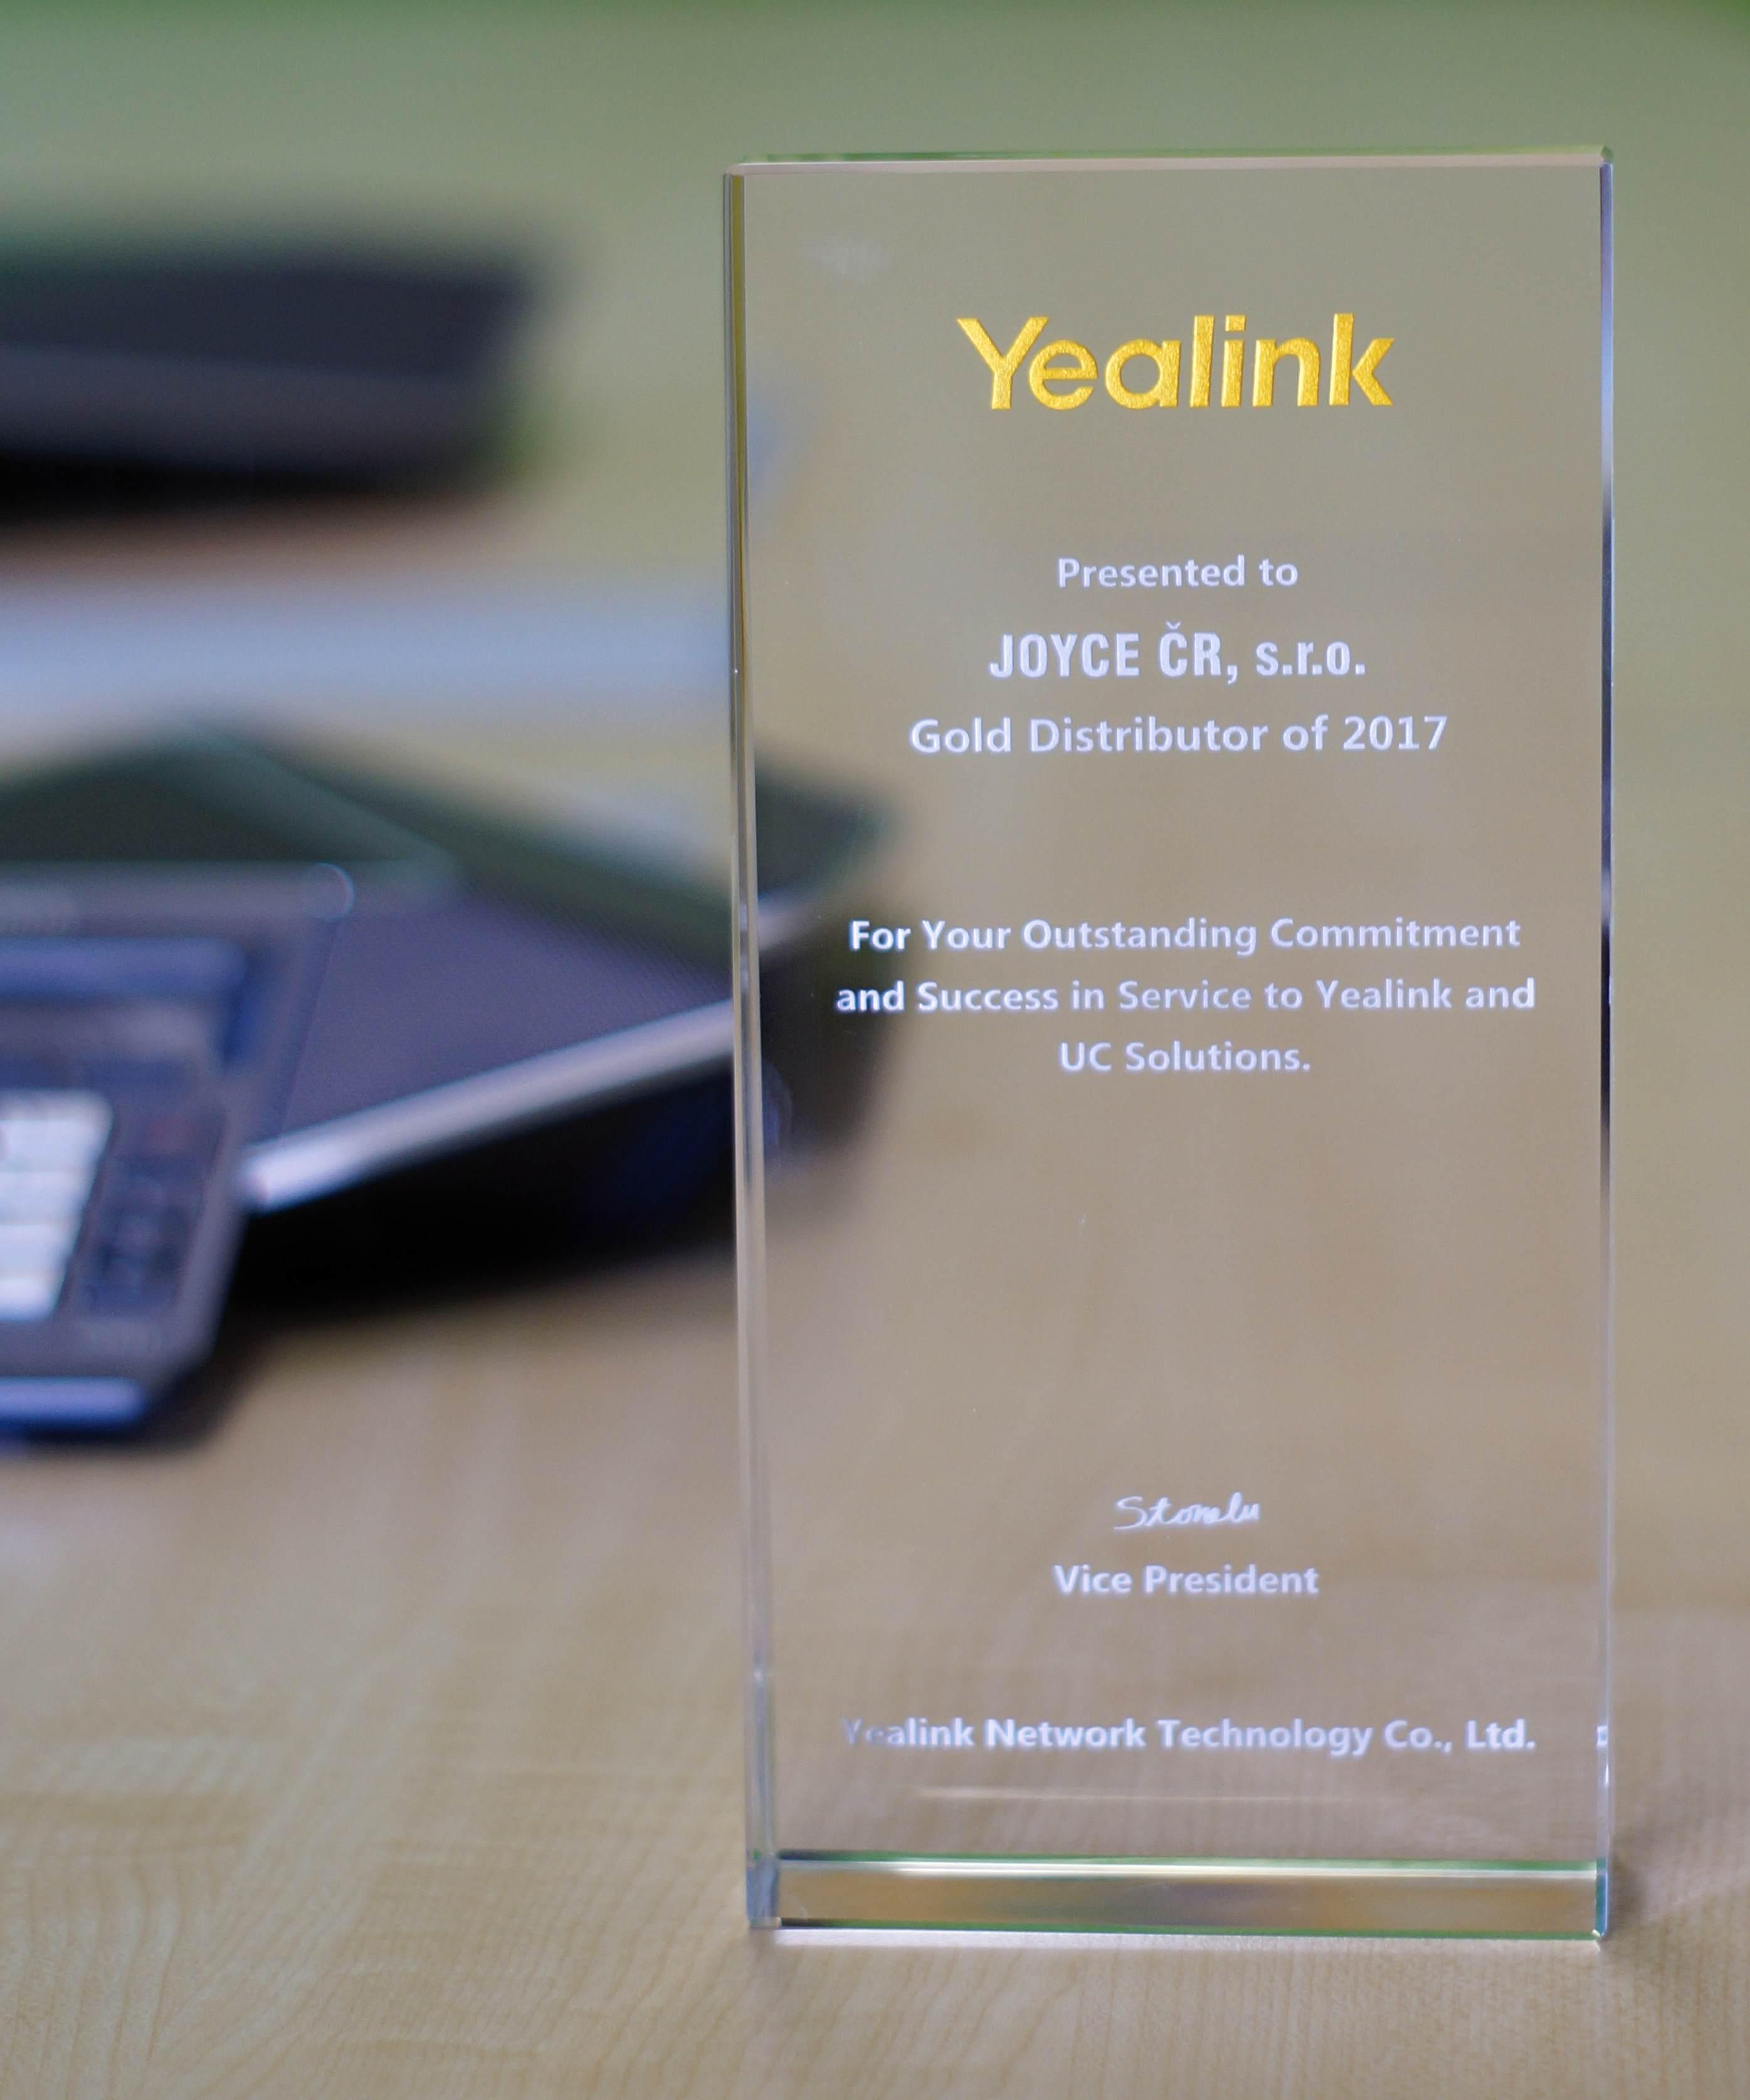 Joyce je Gold distributorem Yealink pro rok 2017